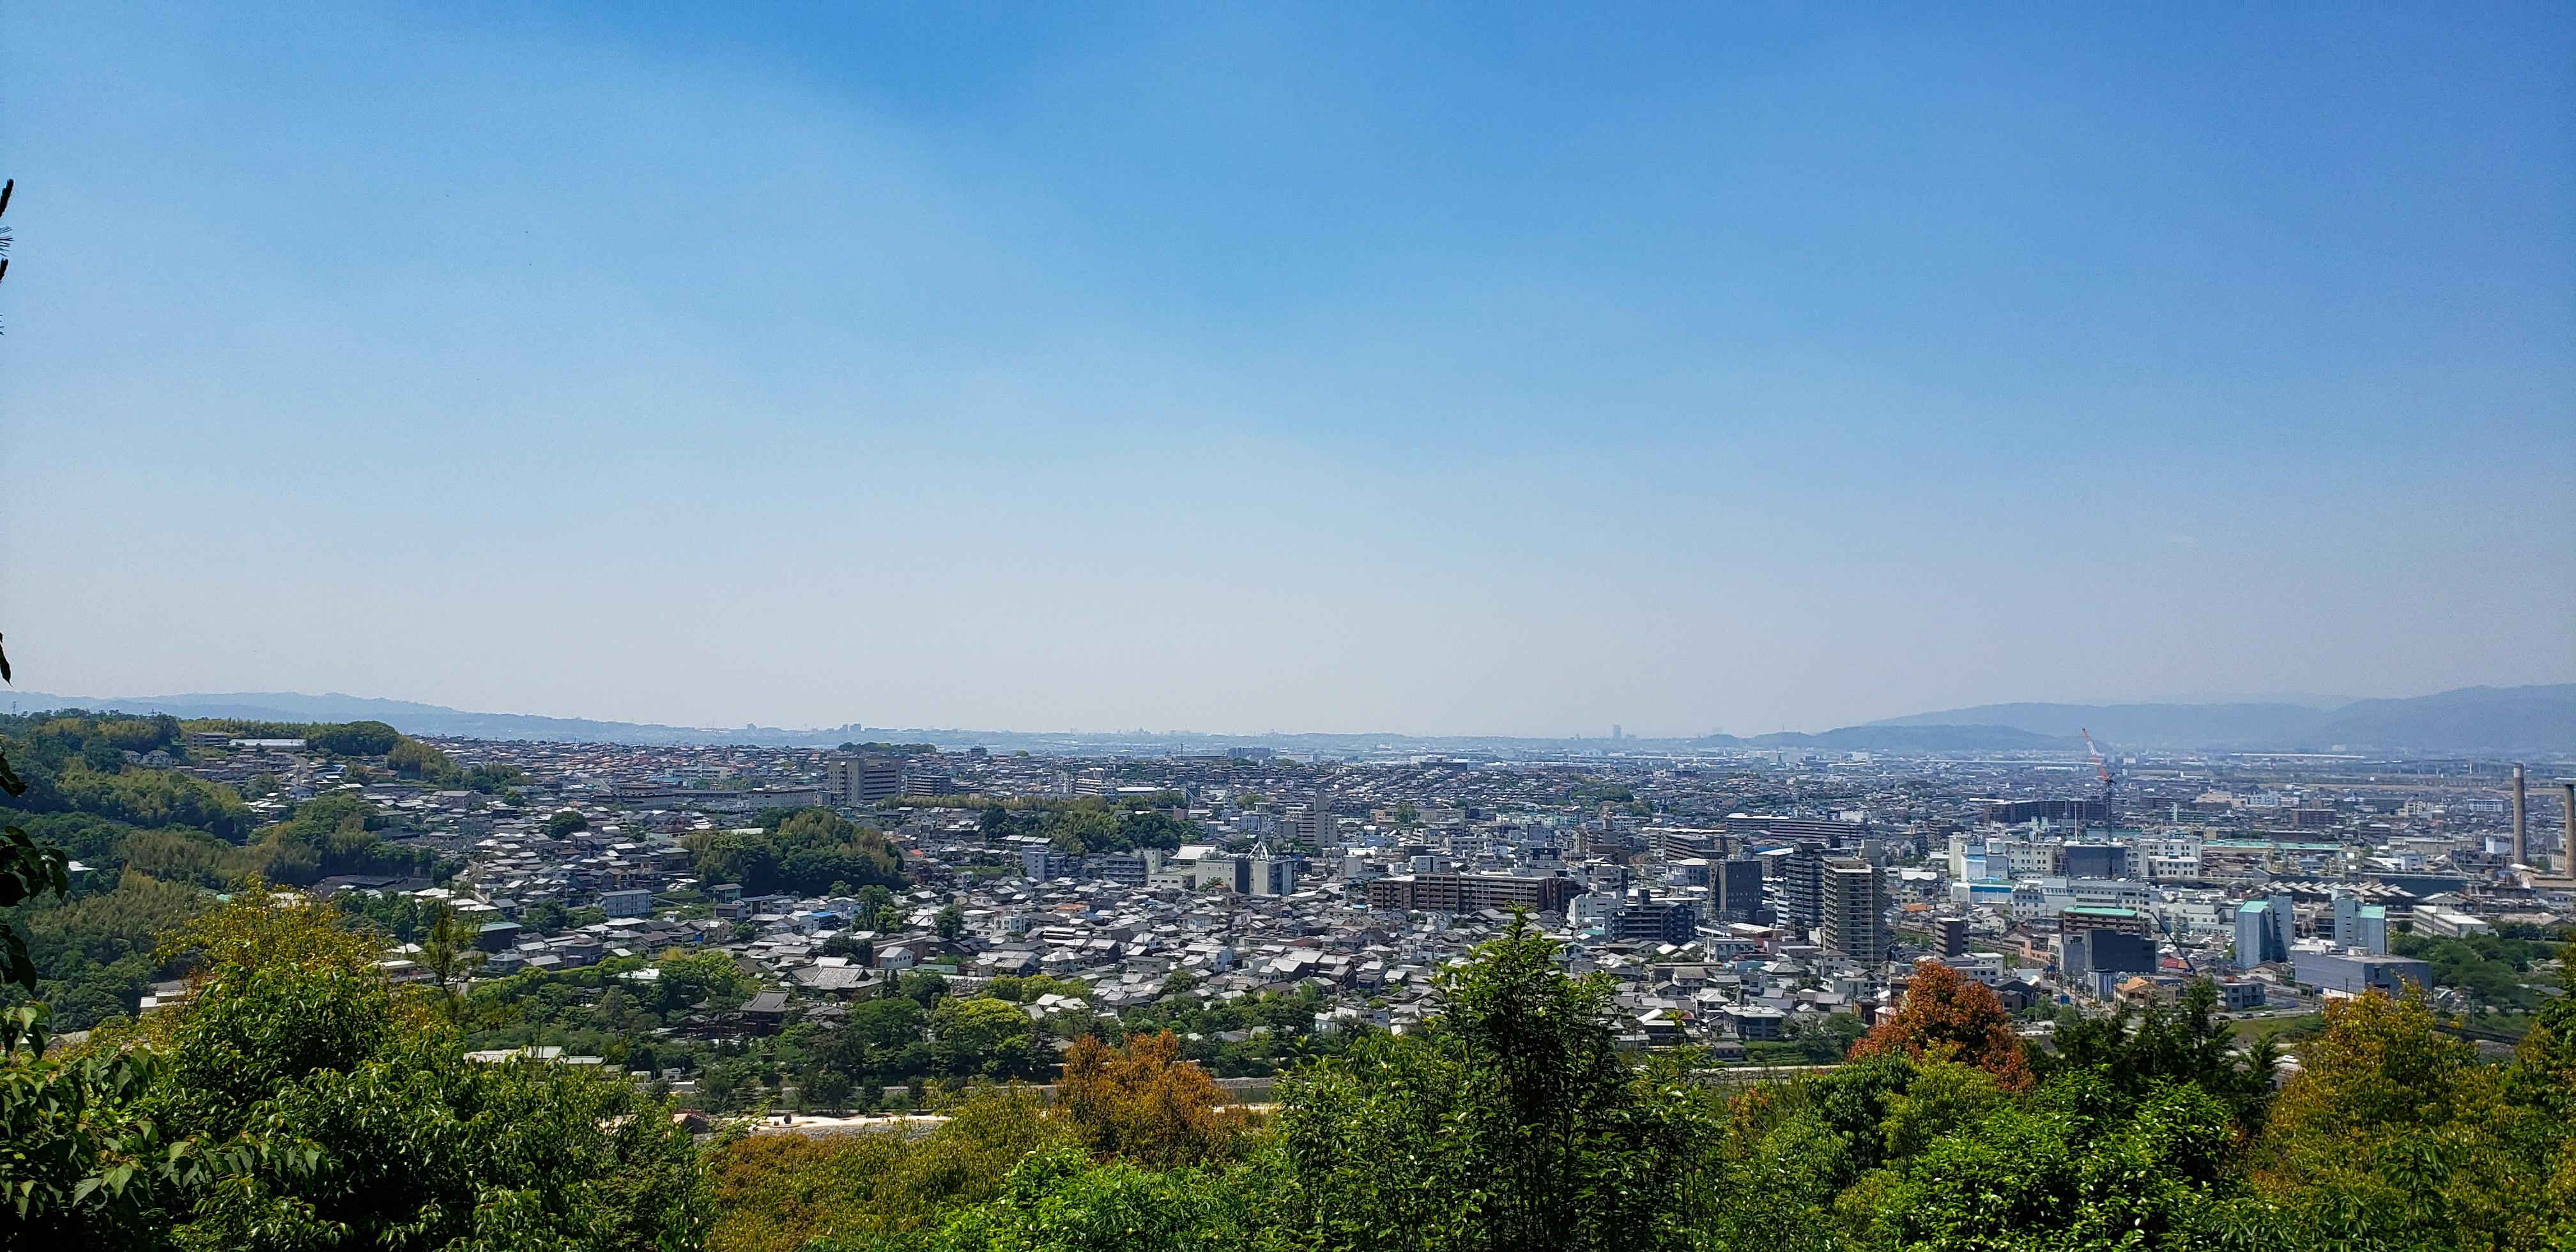 f:id:SURUmeee_JP:20190526043807j:image